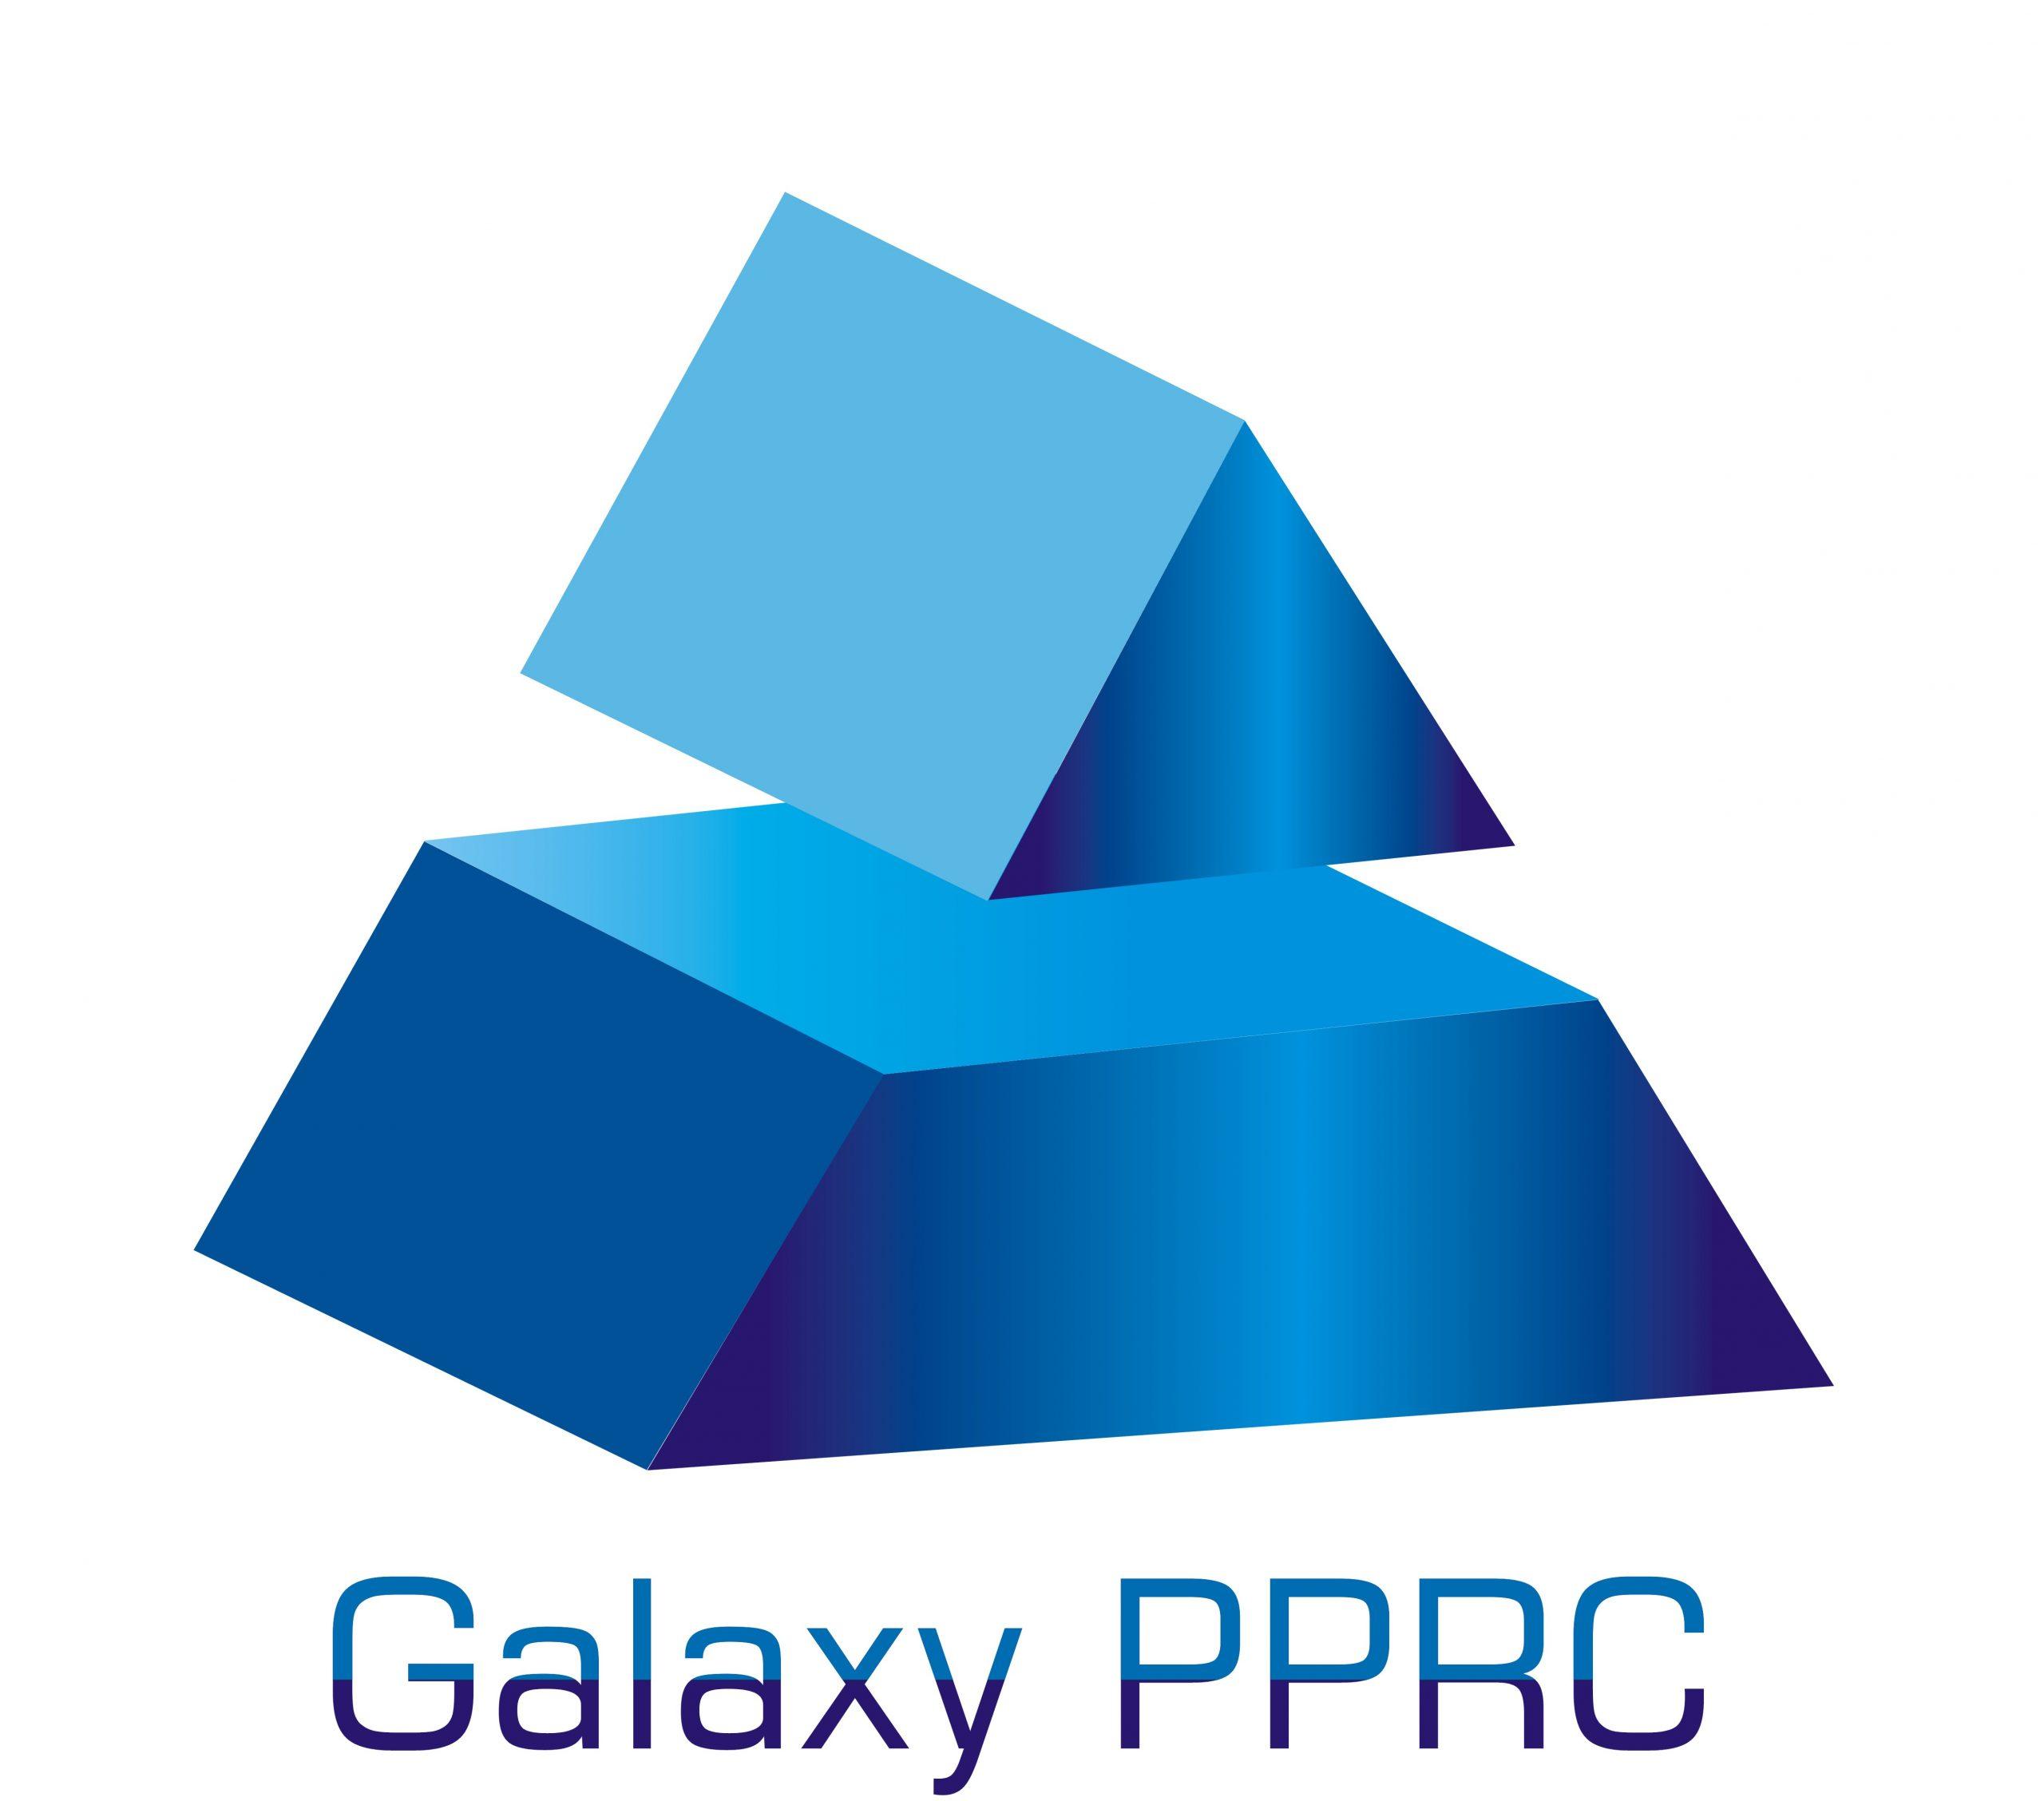 Galaxypprc